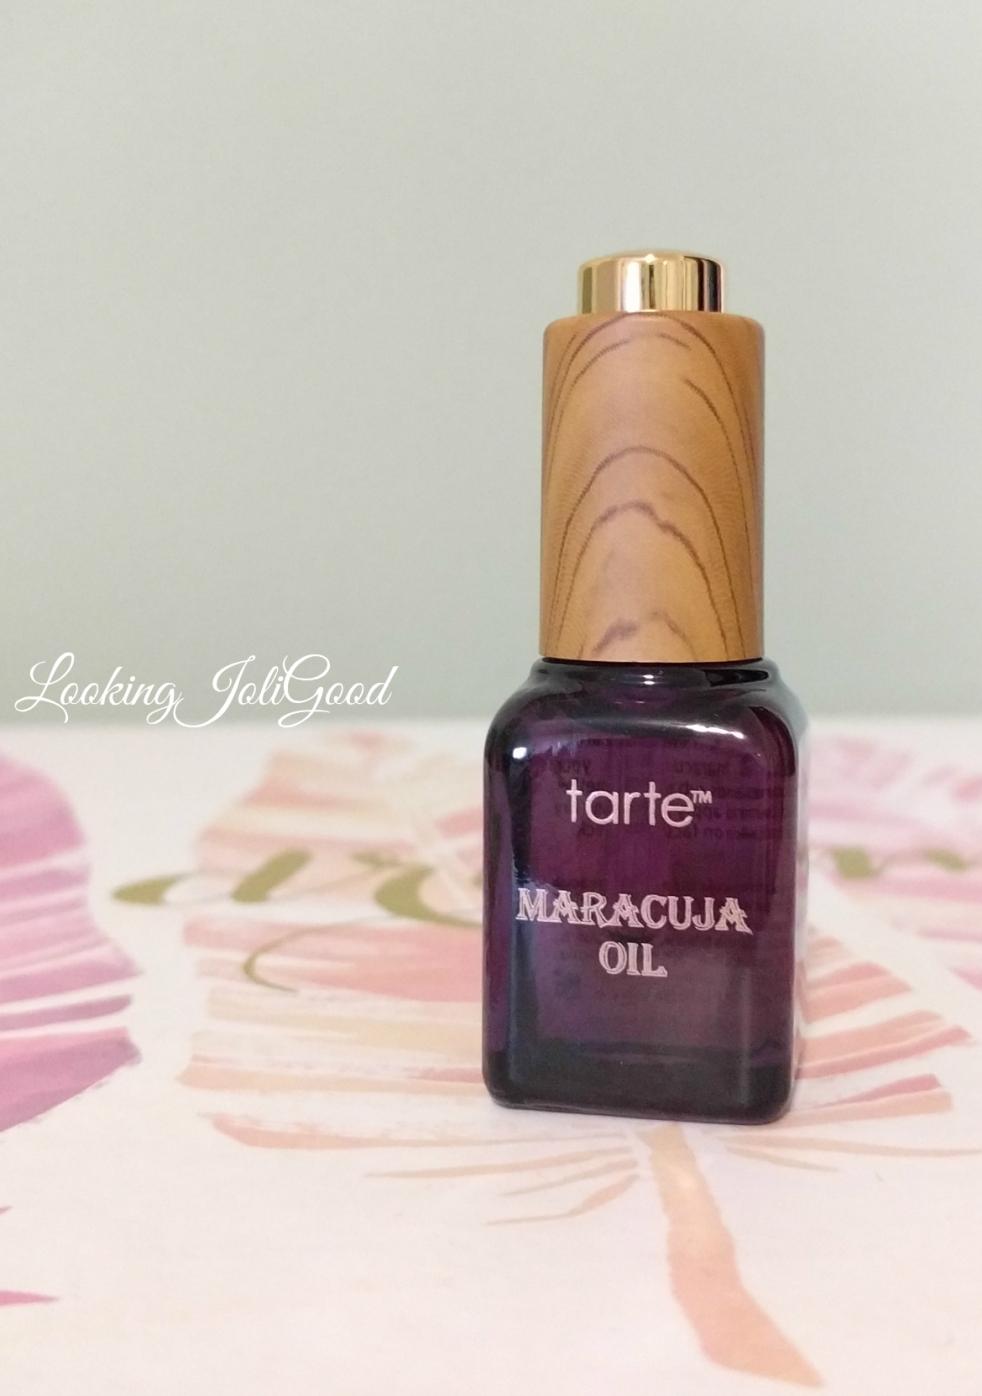 tarte maracuja oil   LookingJoliGood.wordpress.com